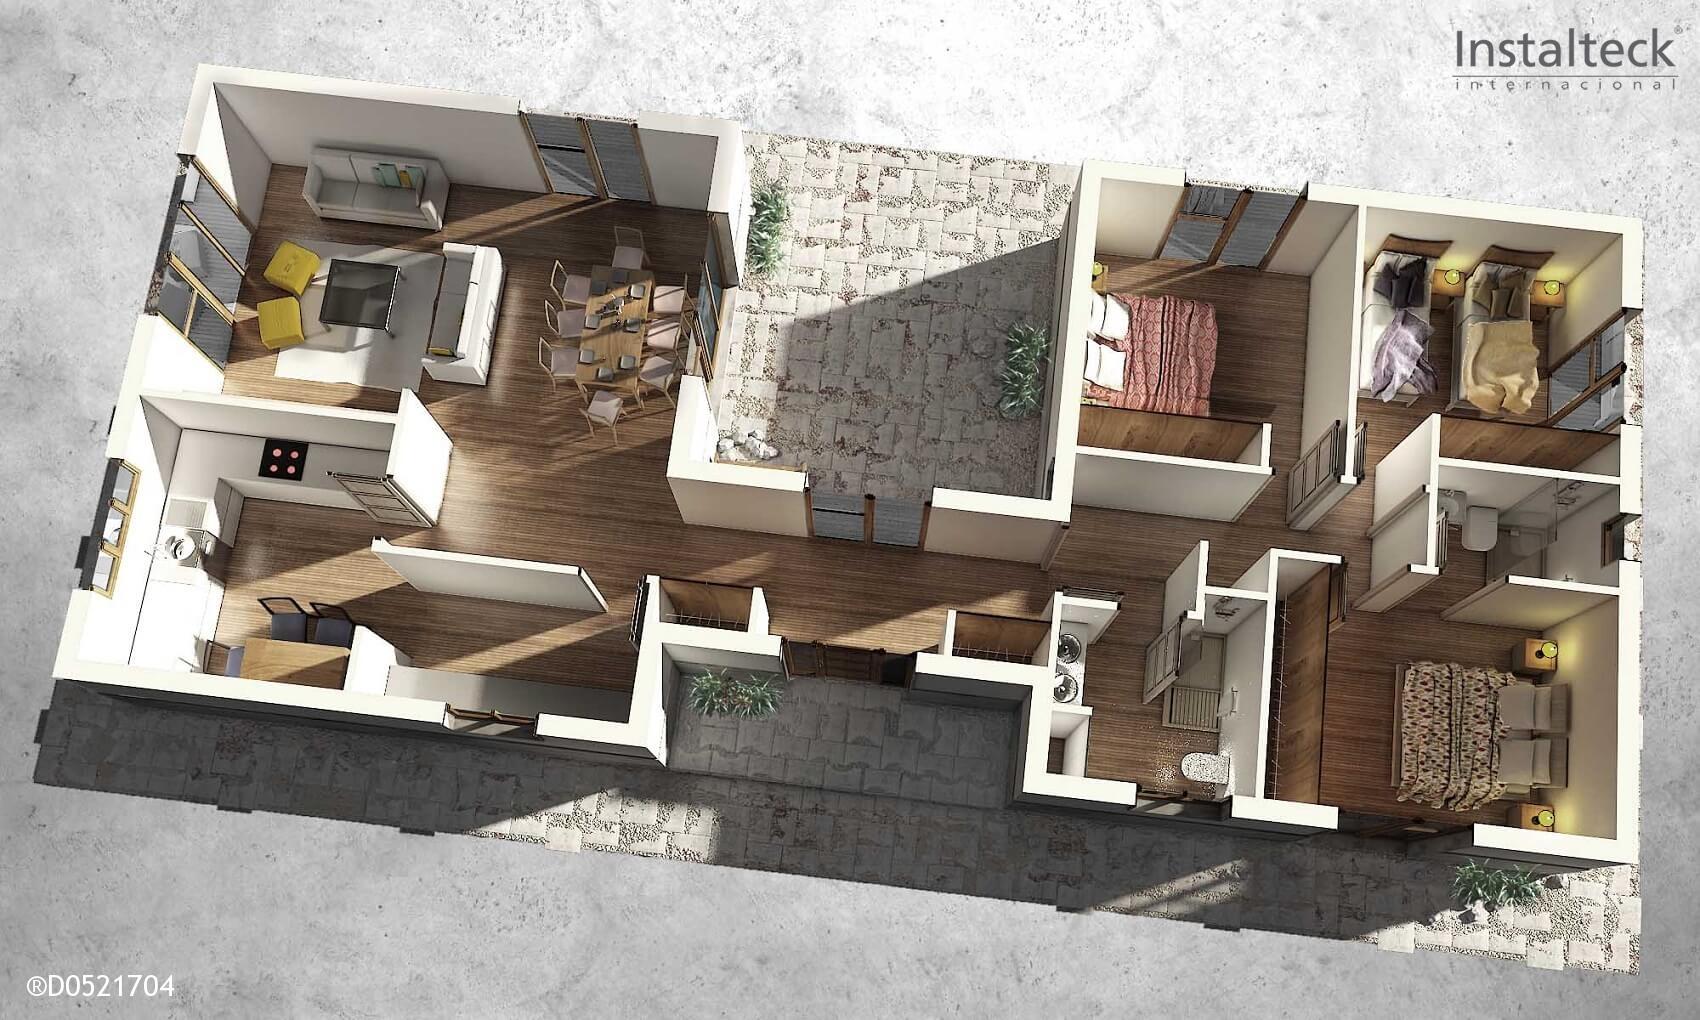 Casa prefabricada in teck 148 instalteckinstalteck - Interiores de casas prefabricadas ...